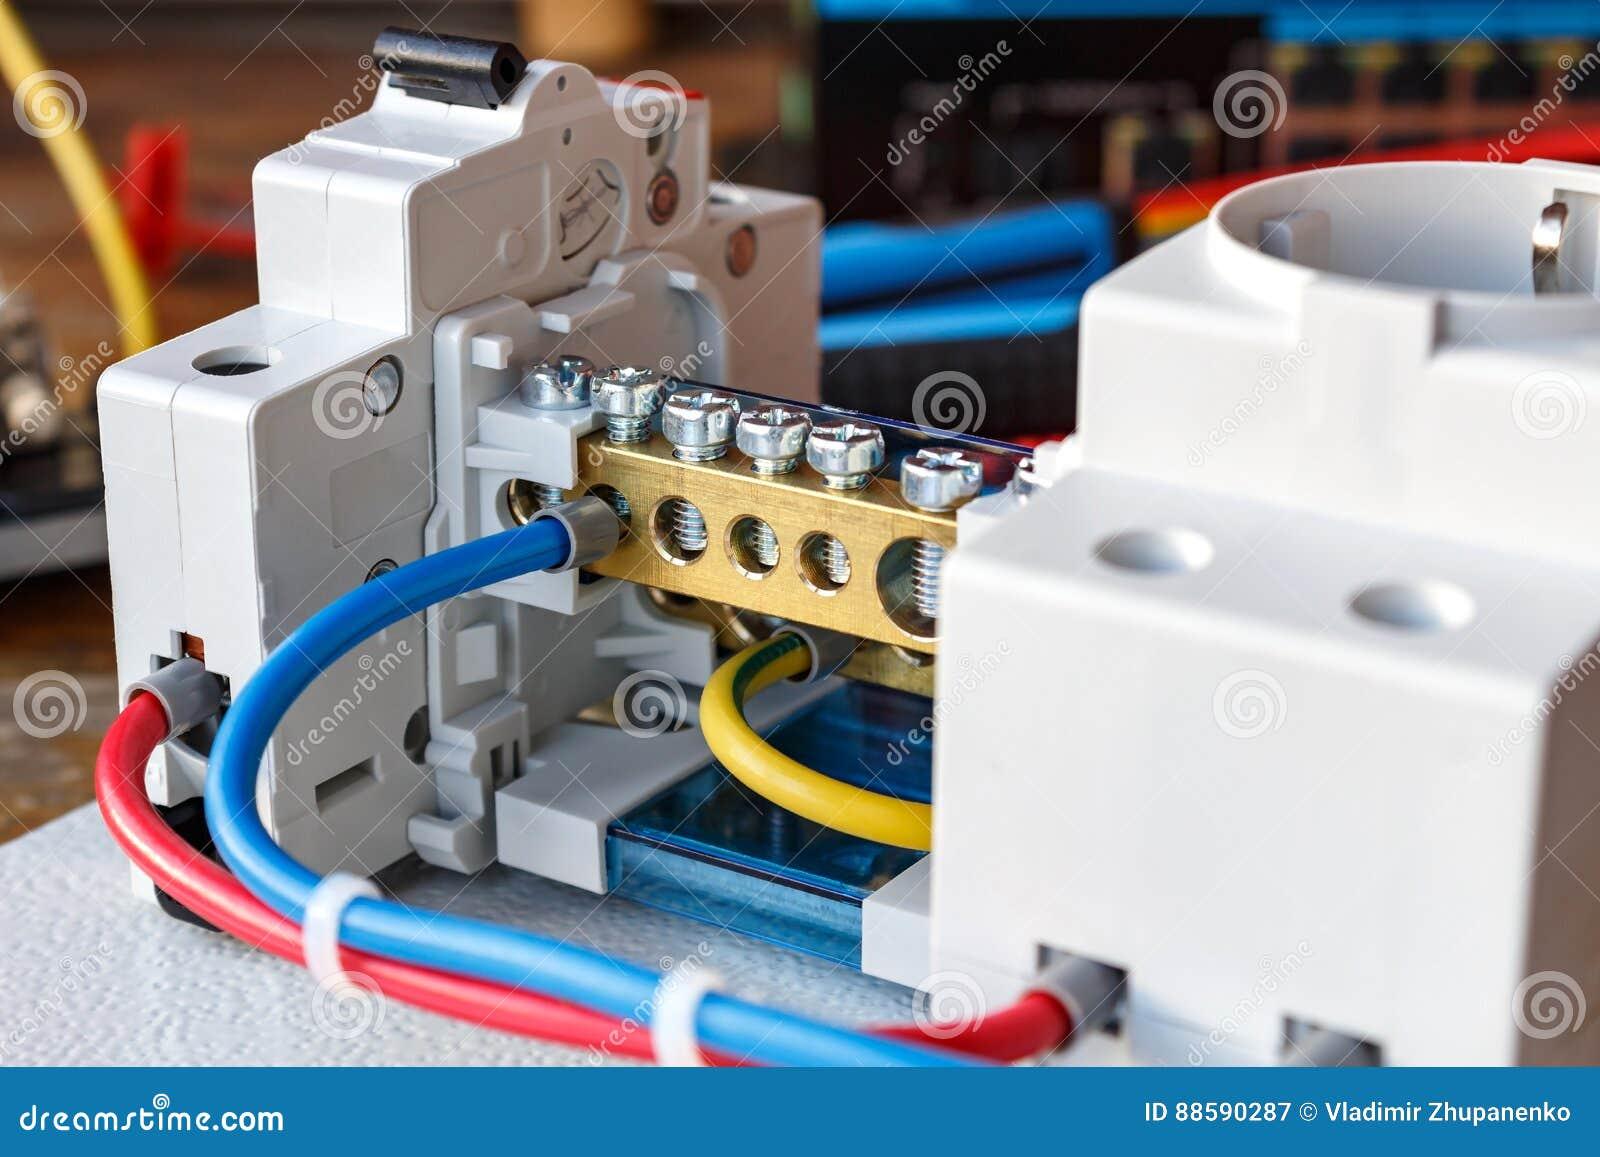 Elektrische Komponenten Auf Der Montageplatte Mit Den Verbundenen Drahten Stockbild Bild Von Elektrische Drahten 88590287